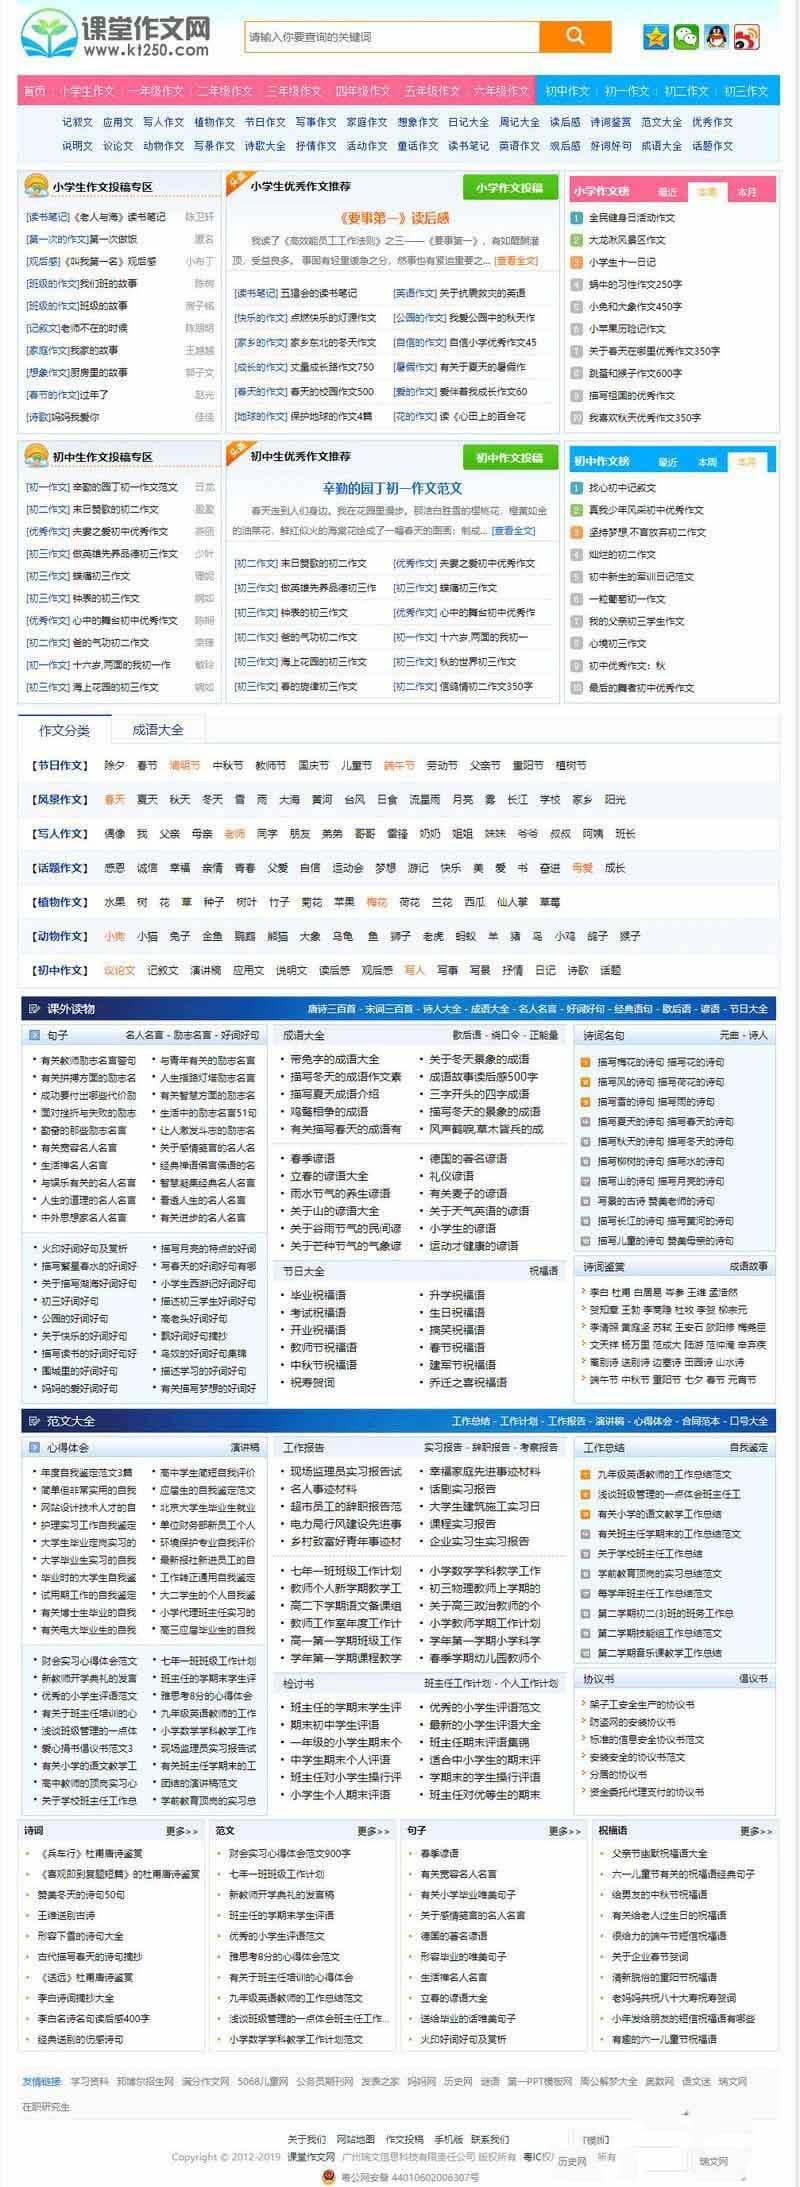 92GAME最新课堂作文网网站源码 帝国CMS7.5内核 带数据带火车头采集+WAP手机版插图